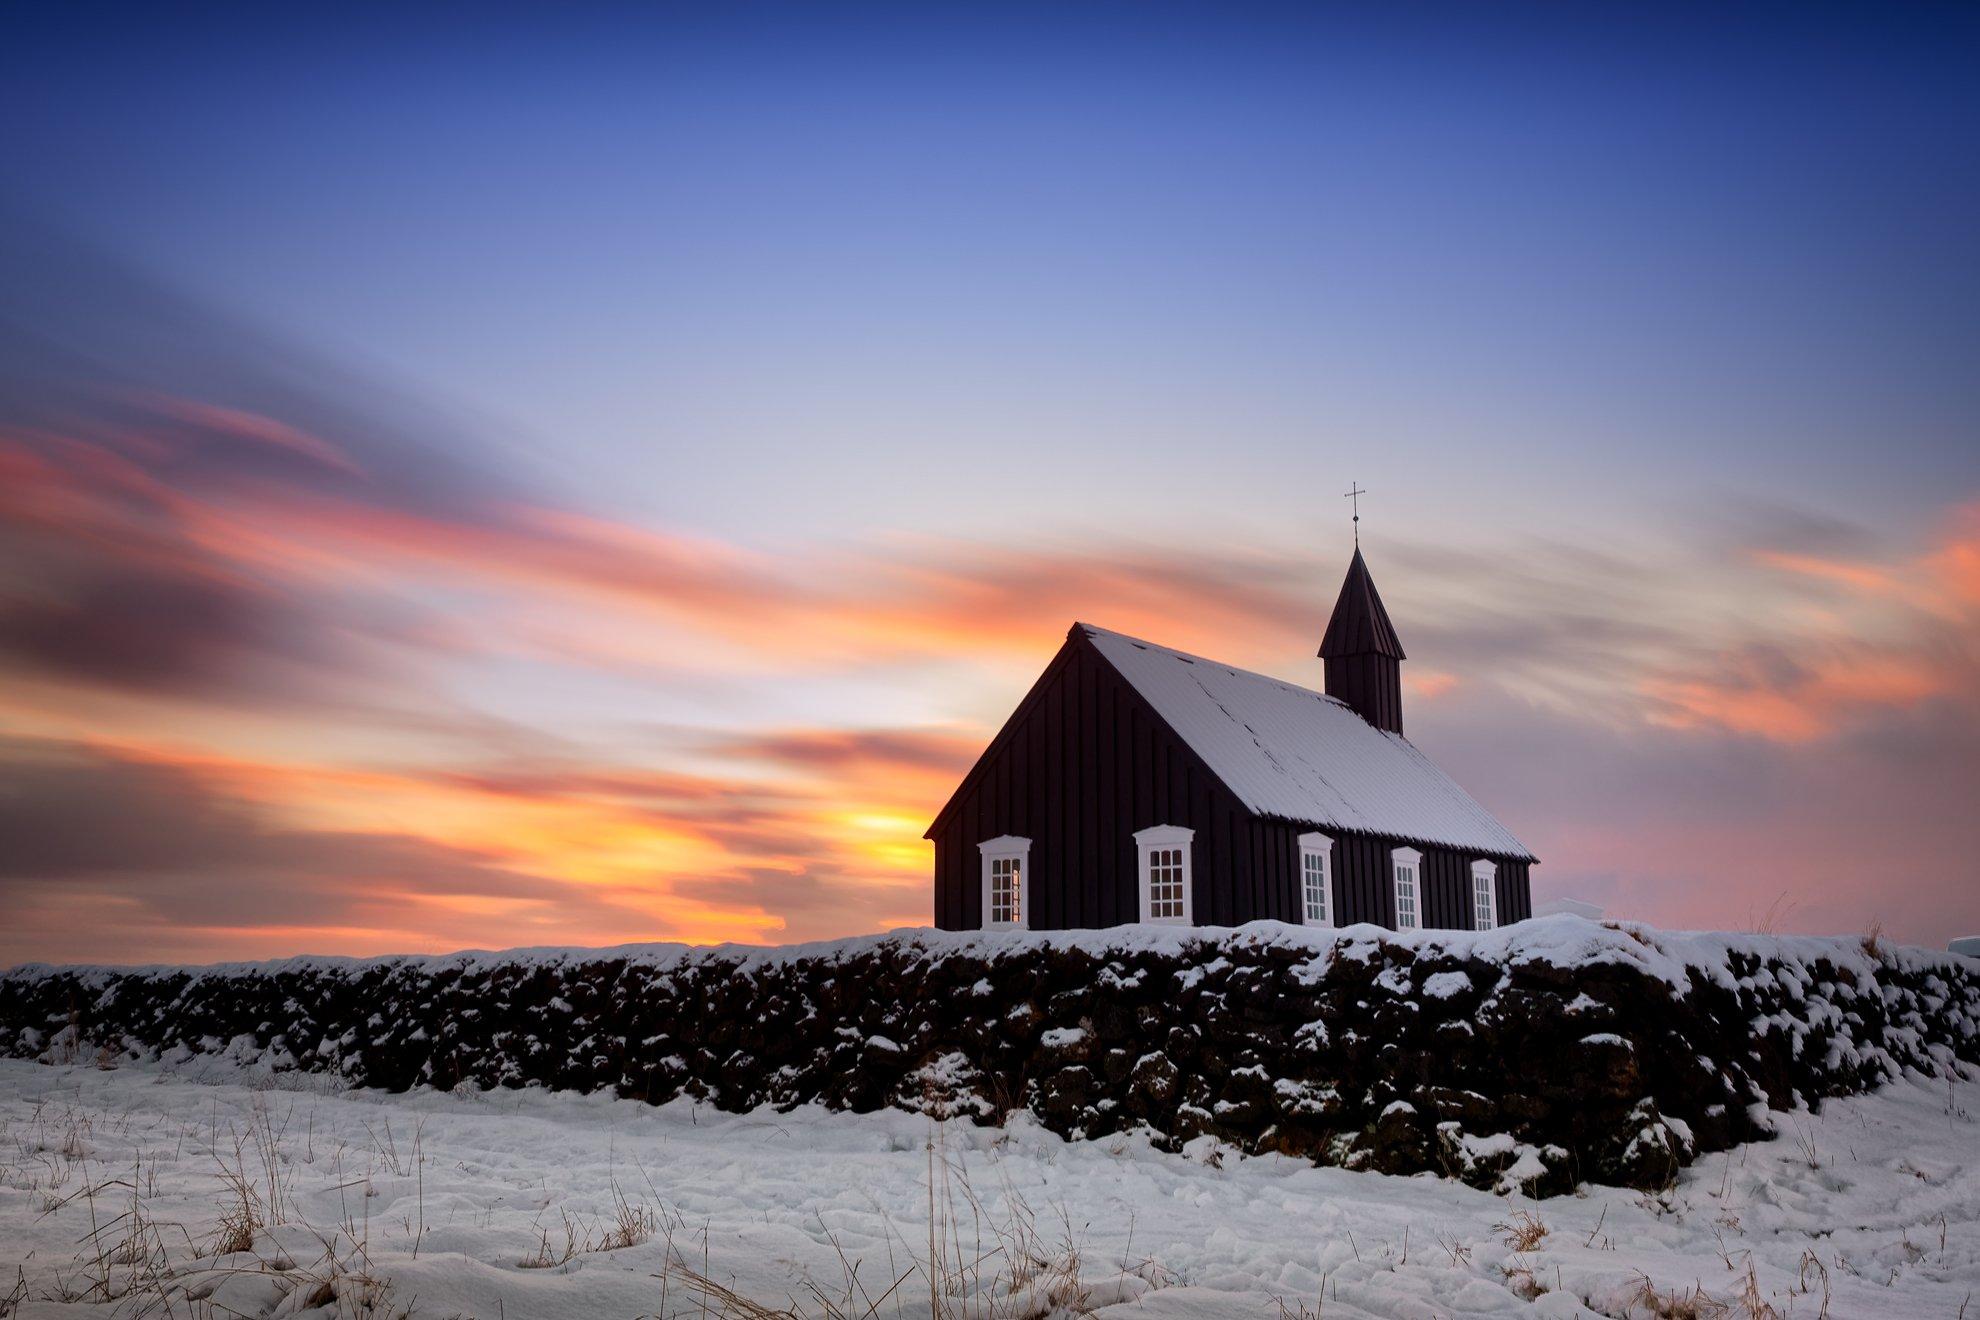 исландия, iceland, sunset, церковь, church, budir, Сергей Курля